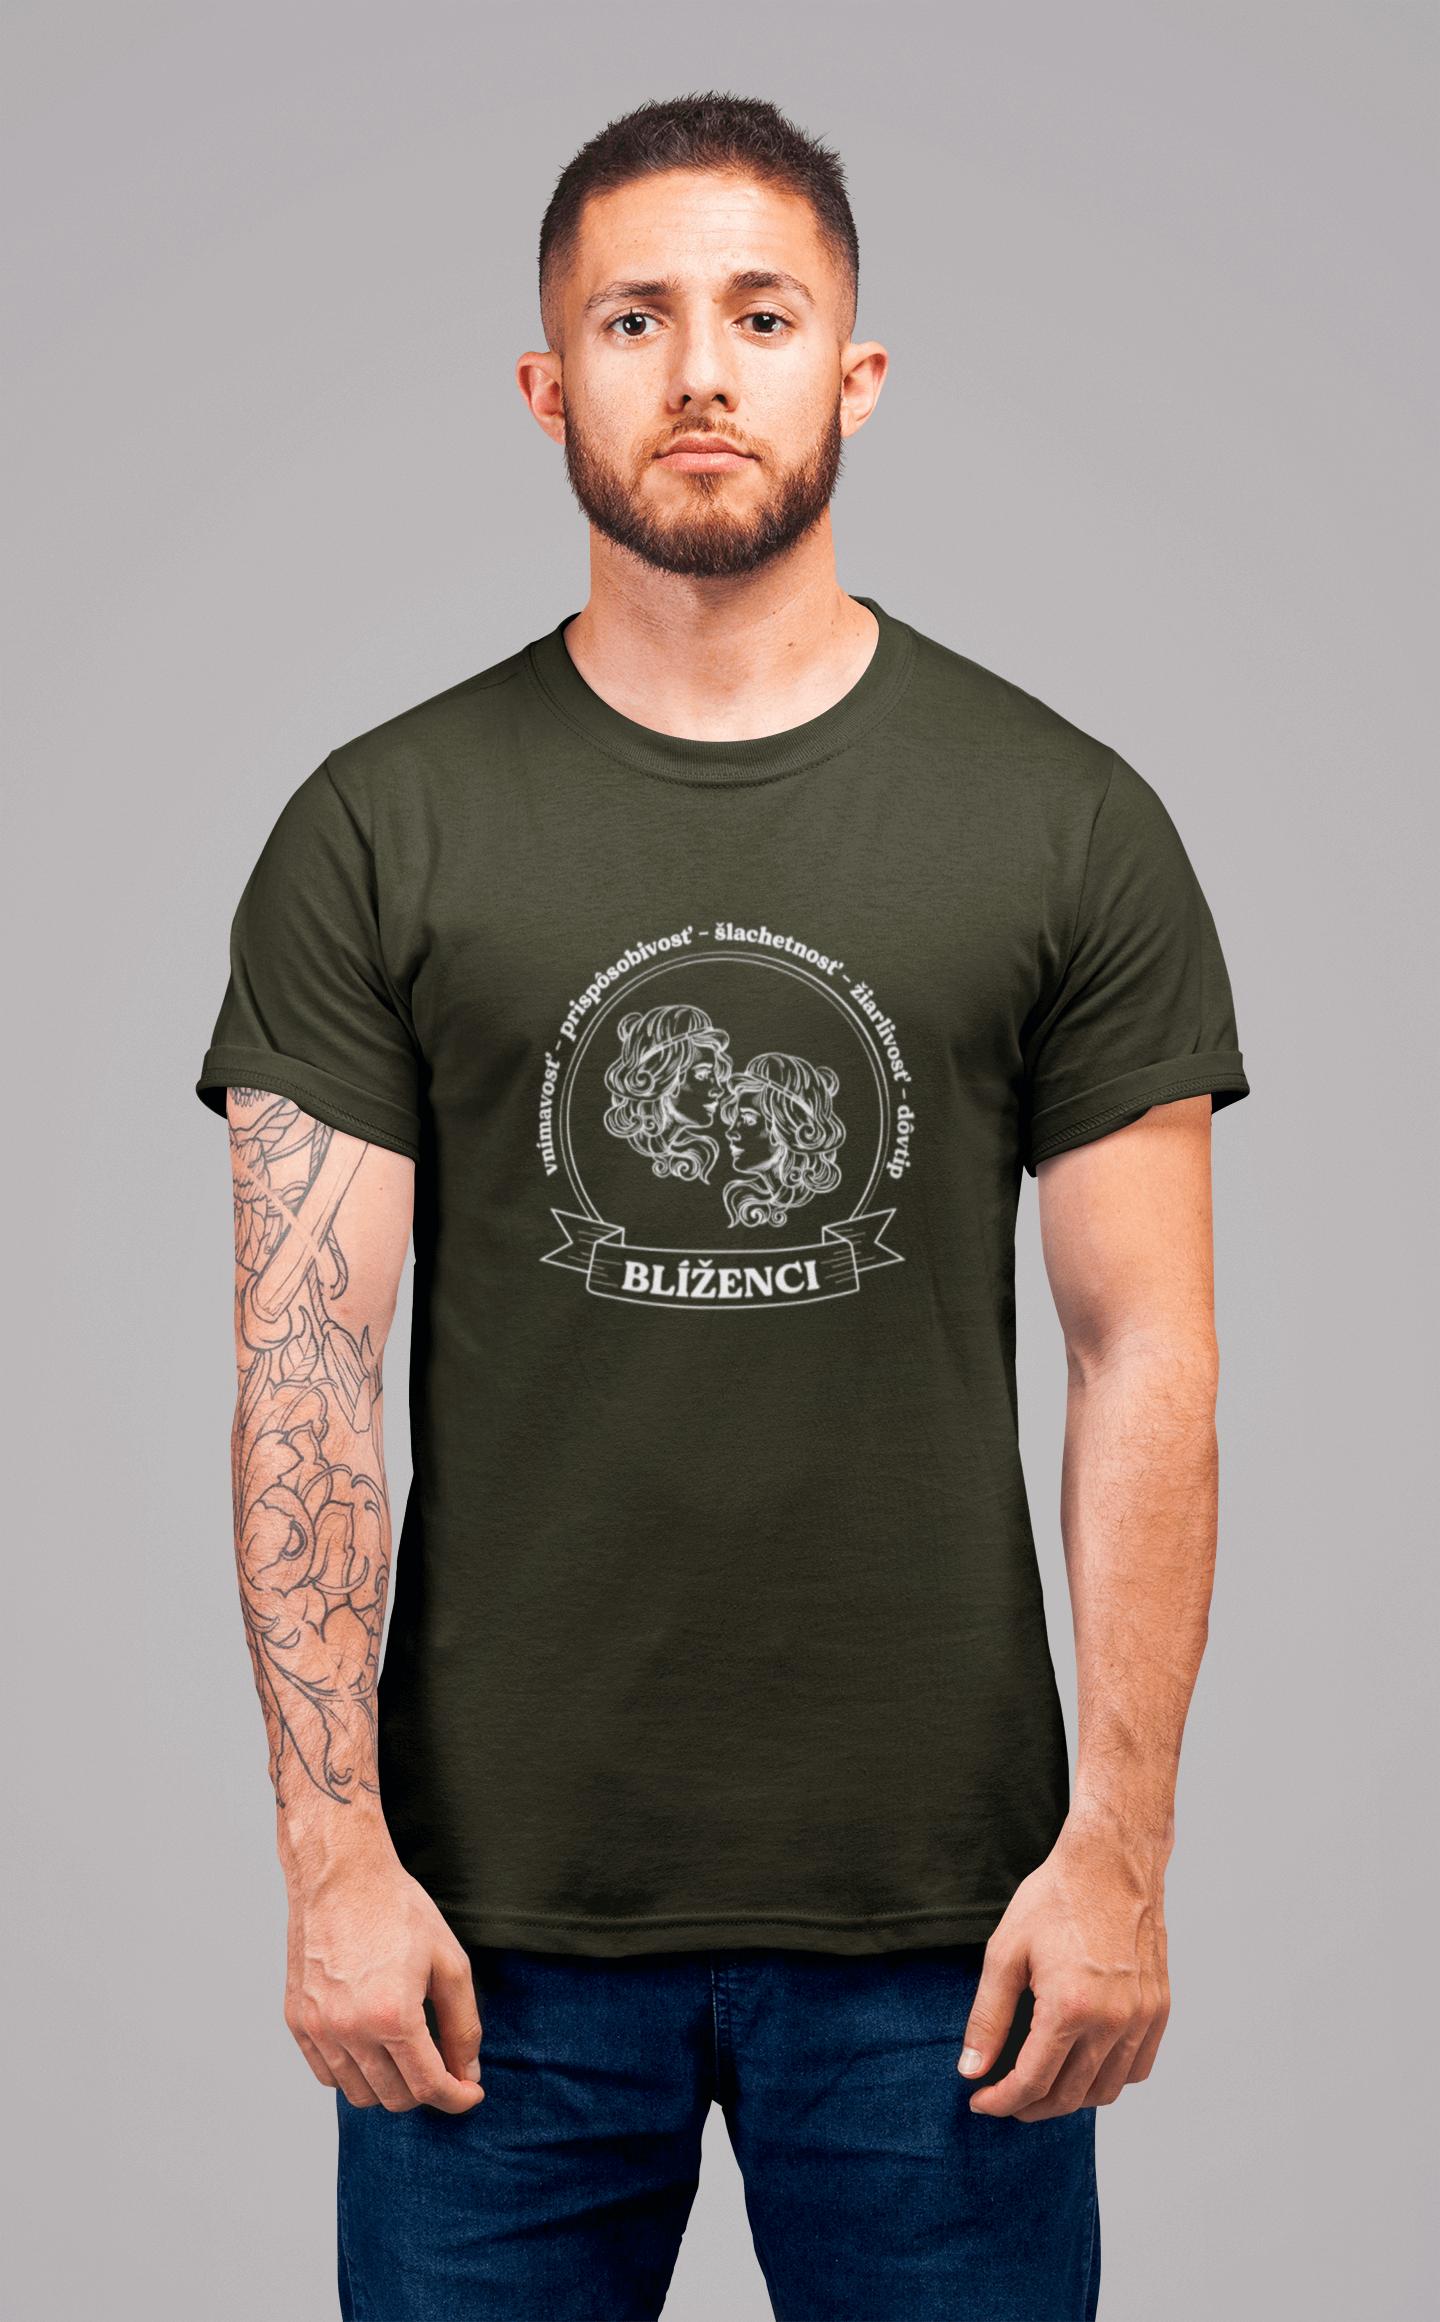 MMO Pánske tričko Blíženci Vyberte farbu: Military, Vyberte veľkosť: XS